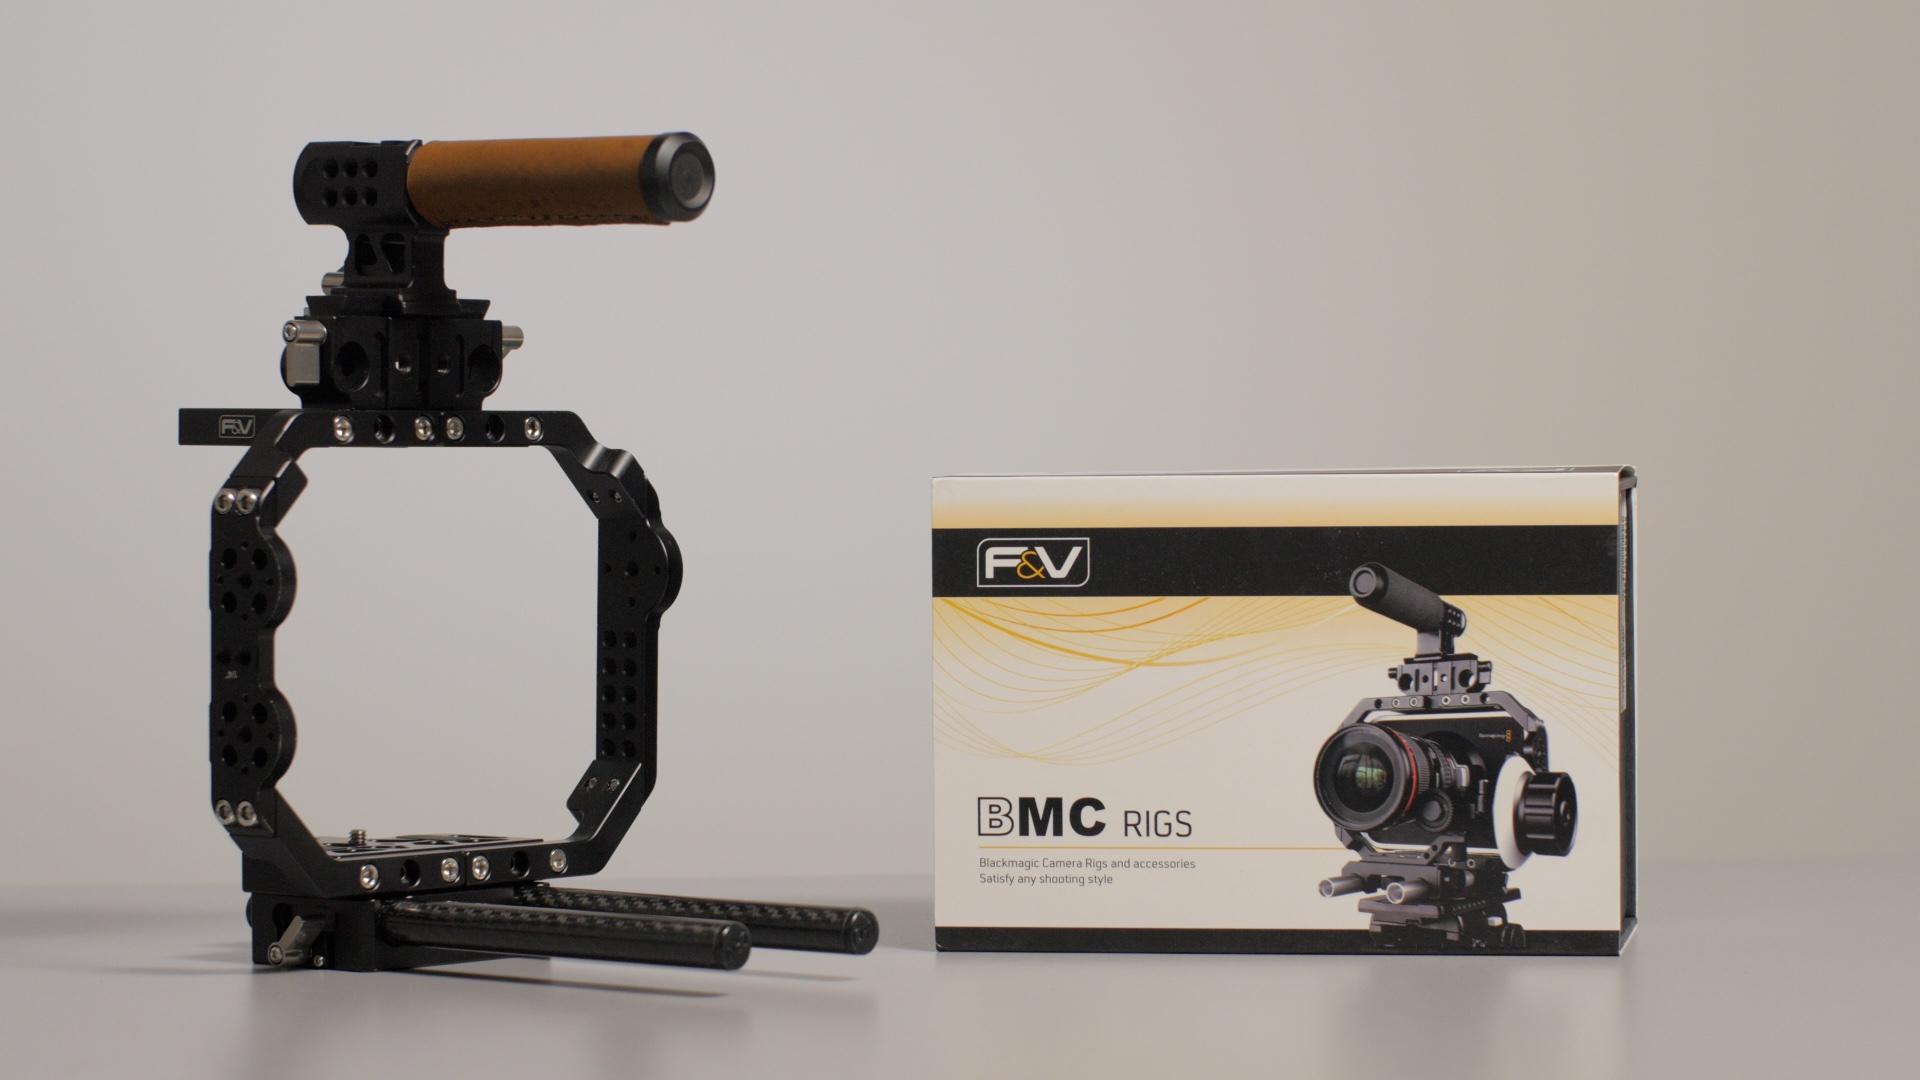 Ended: F&V Camera Cage Giveaway!